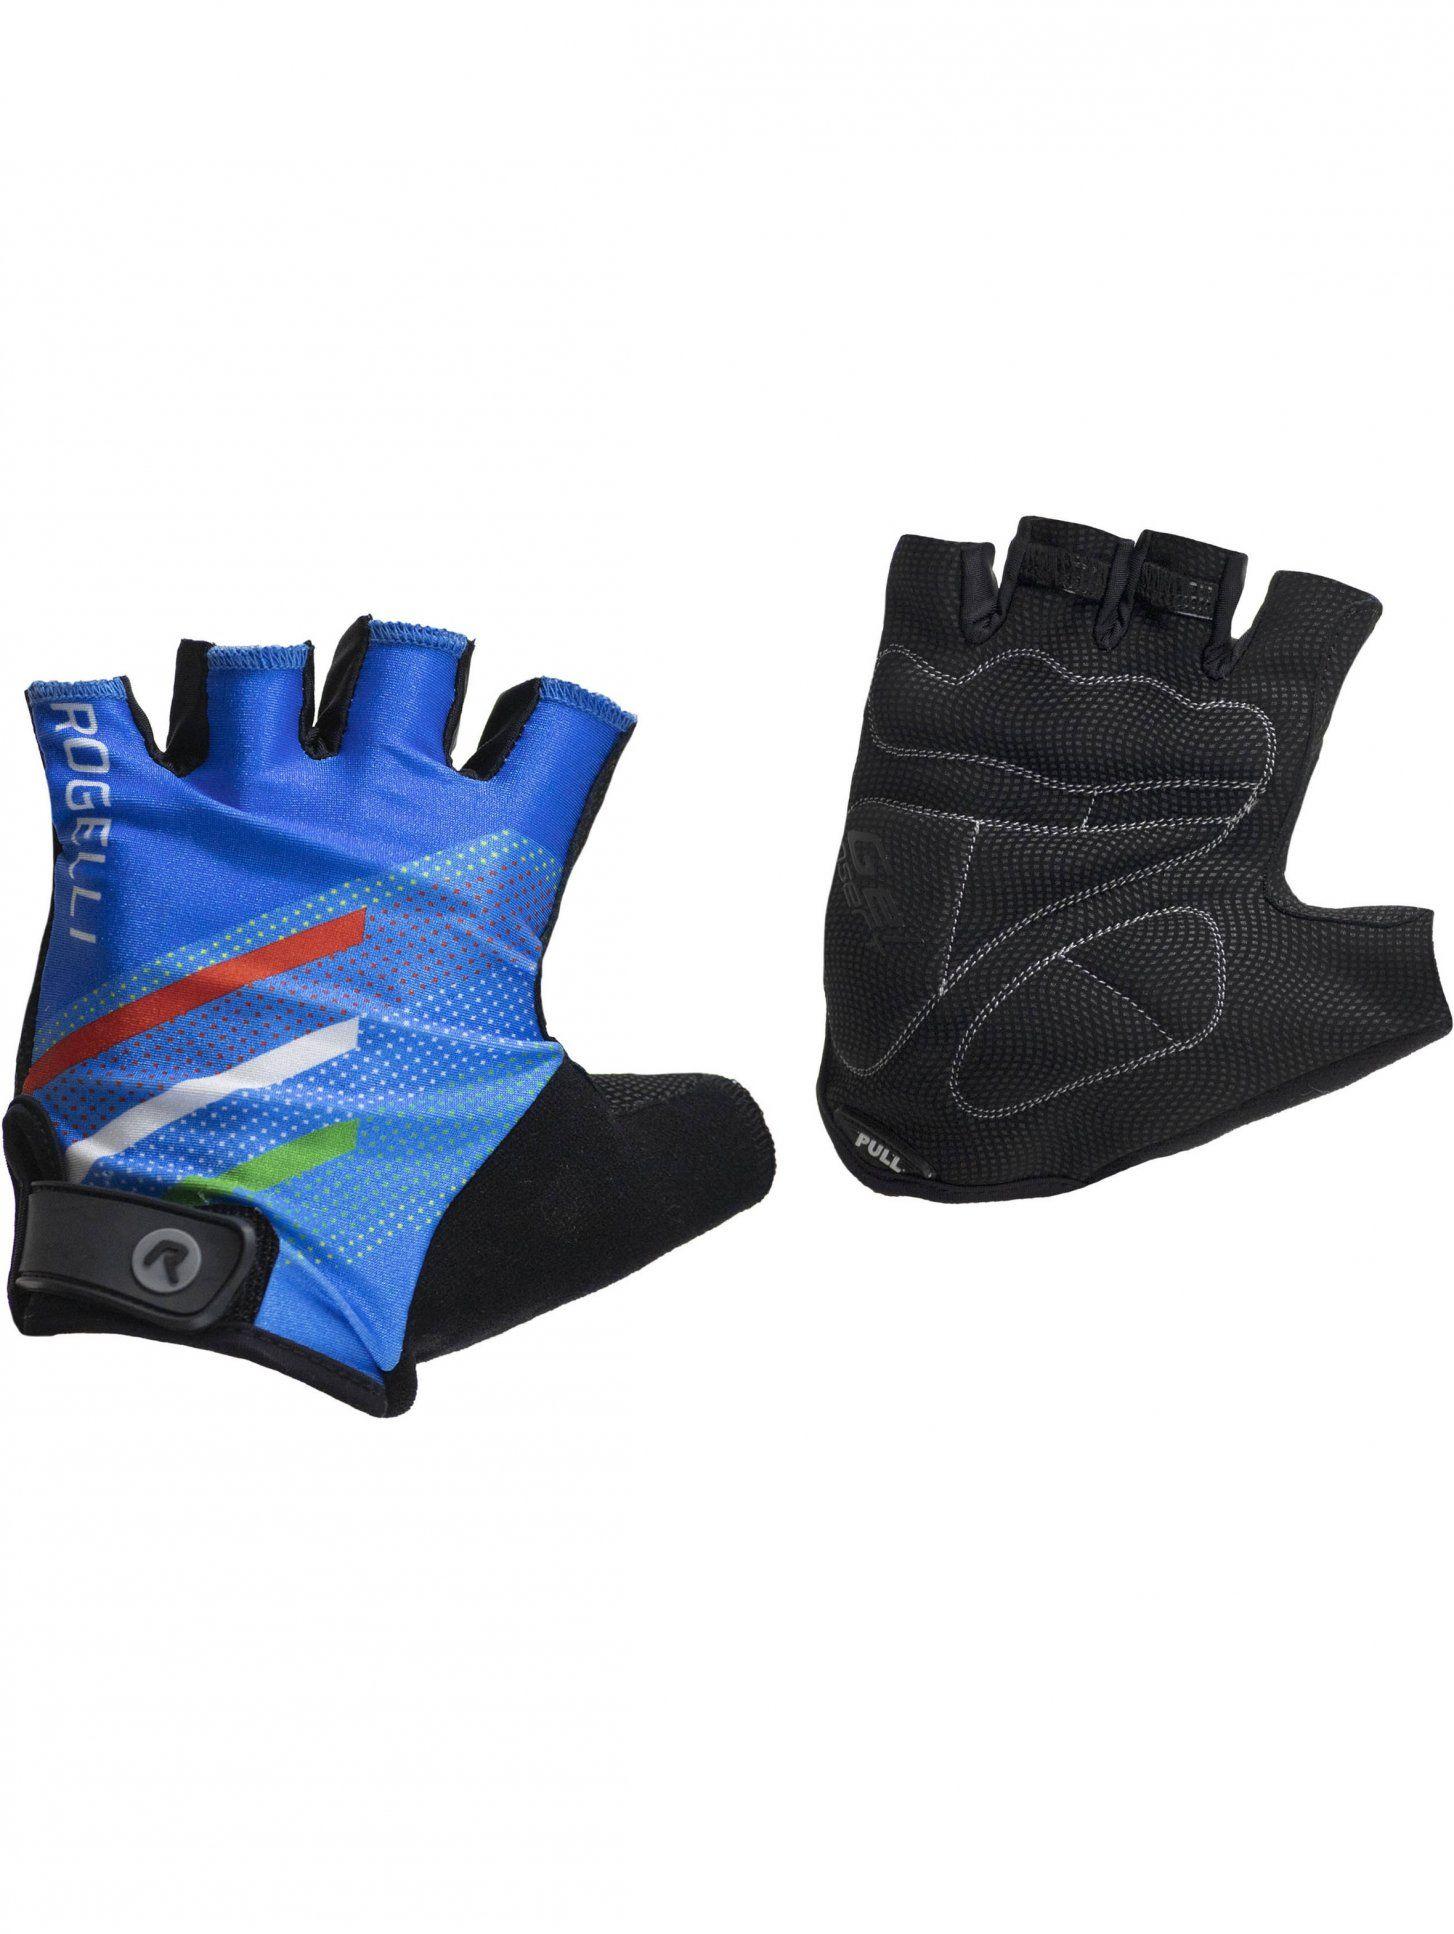 ROGELLI 006.960 TEAM 2.0 rękawiczki rowerowe niebieskie Rozmiar: 2XL,006.960blue